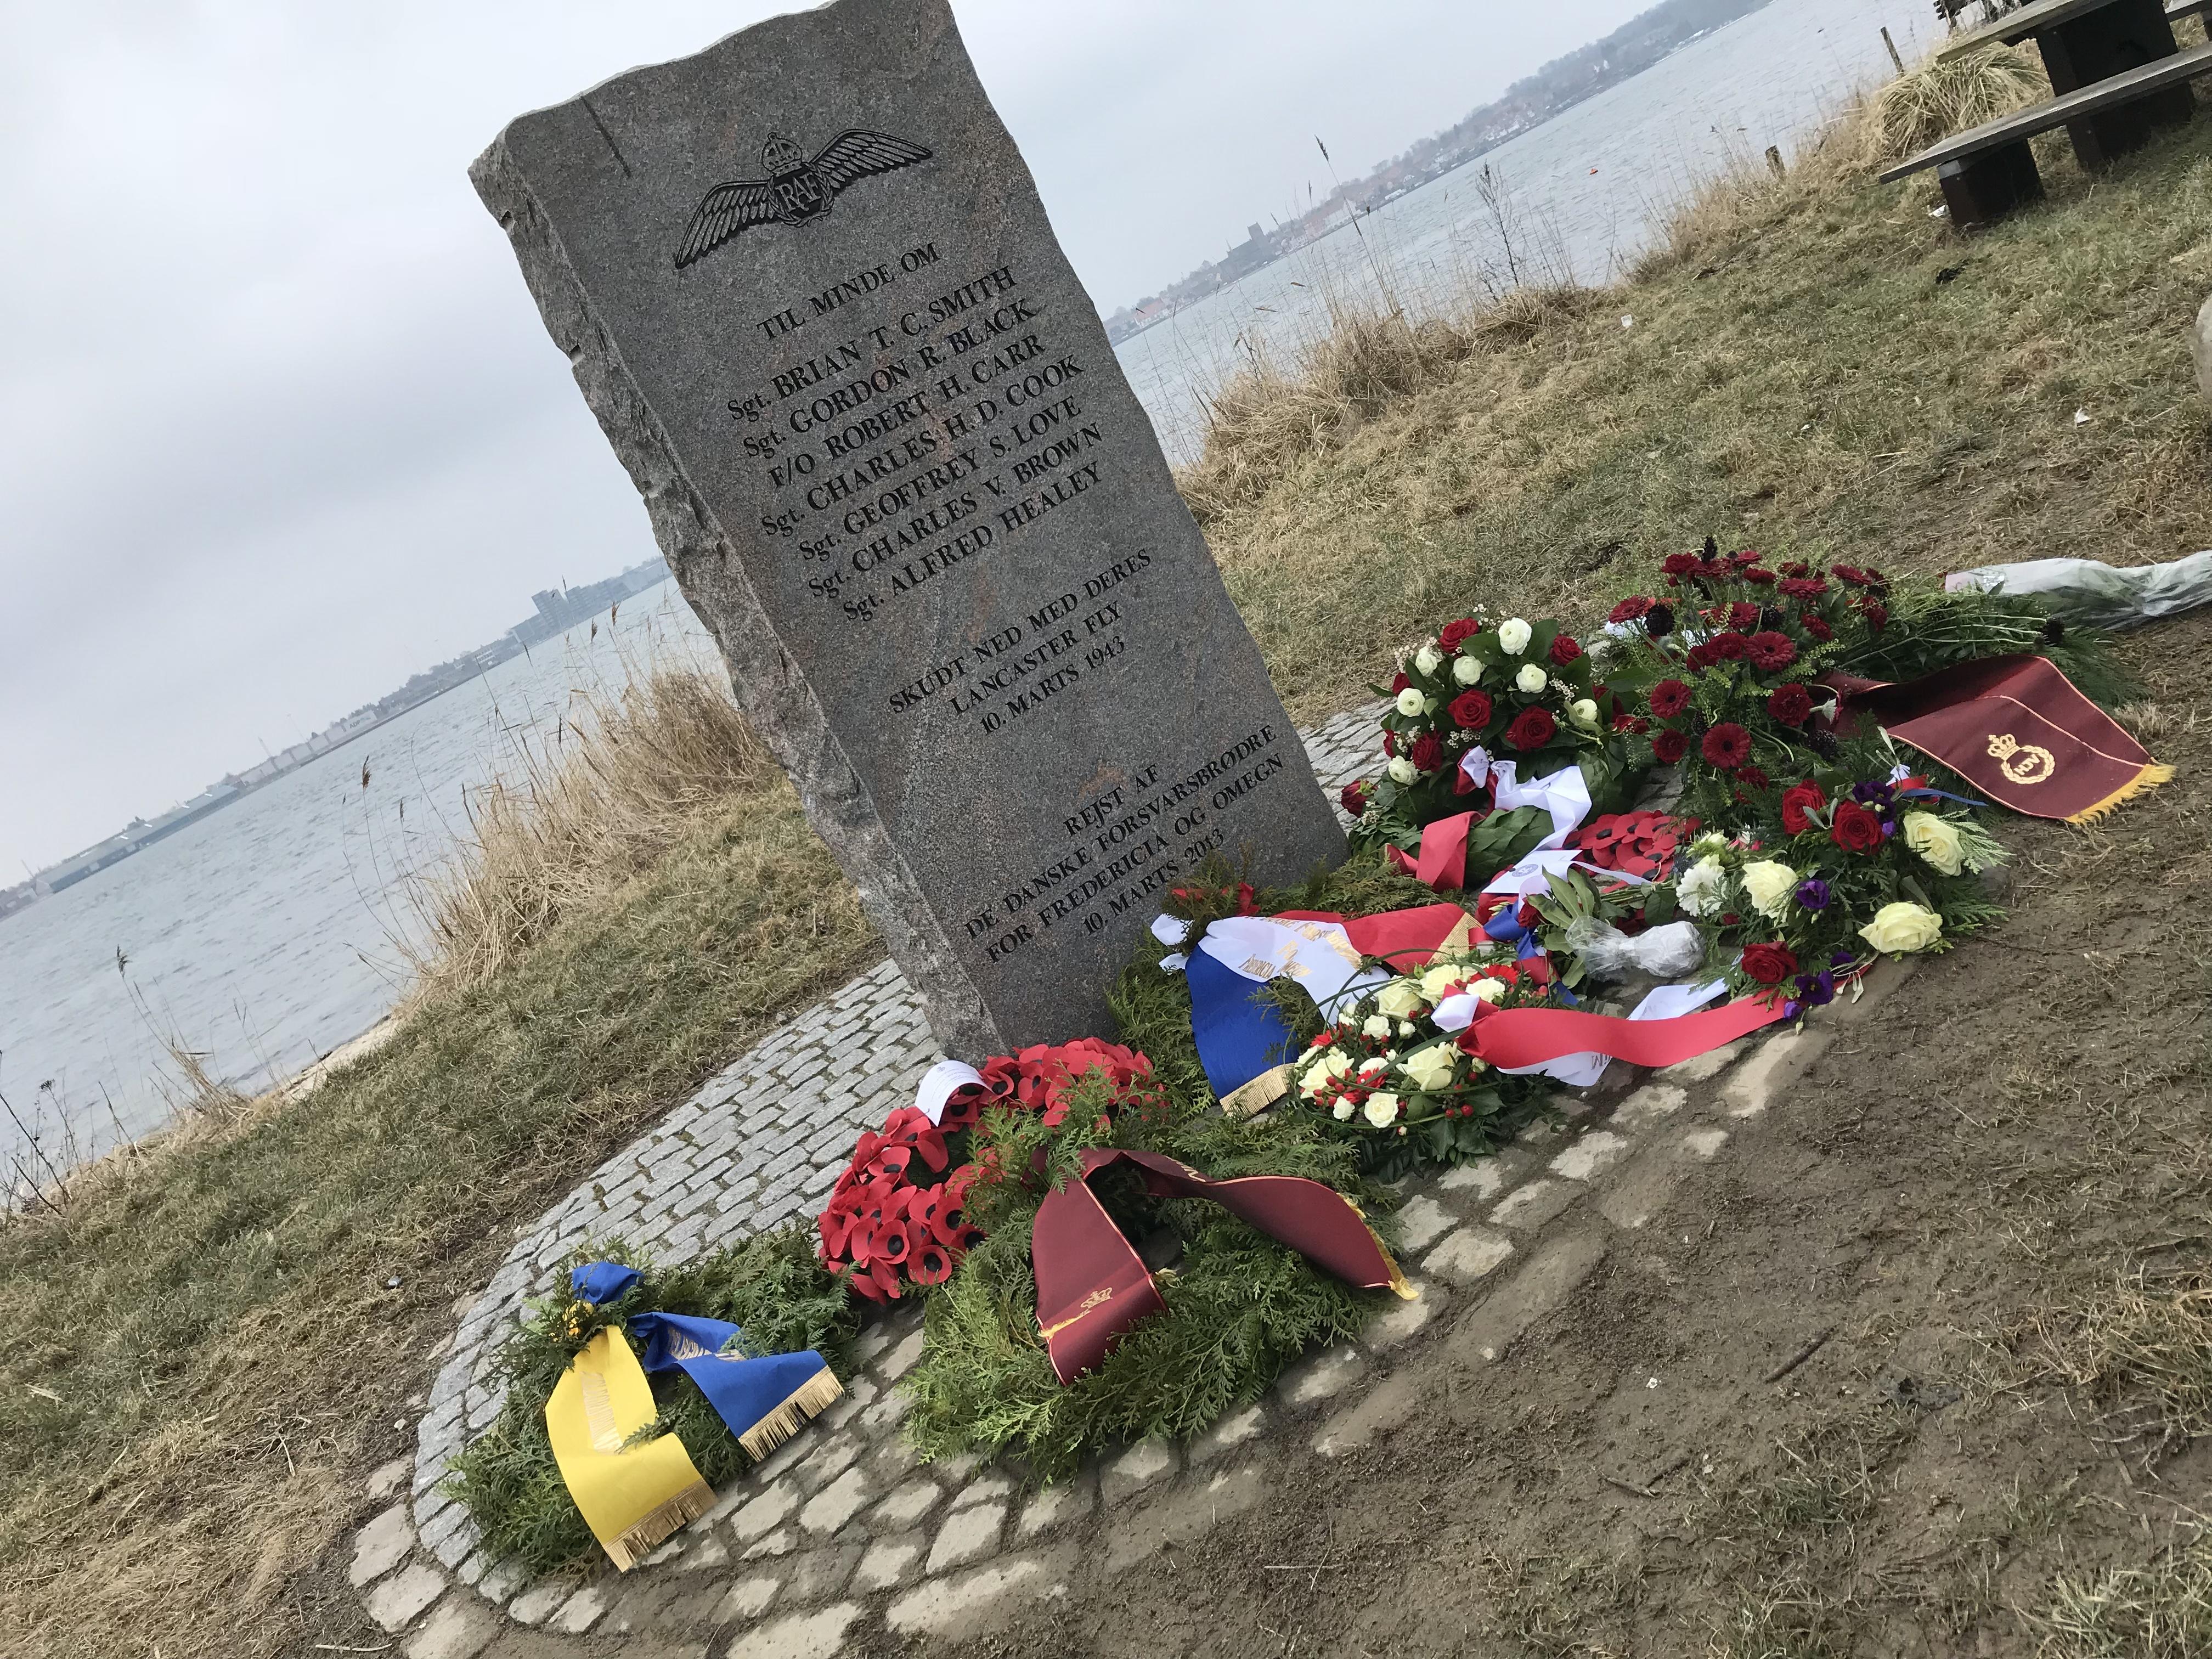 SE TV-INDSLAG: Besætning på Lancaster ED-305 mindet – Styrtede ned i Lillebælt tæt på den gamle Lillebæltsbro